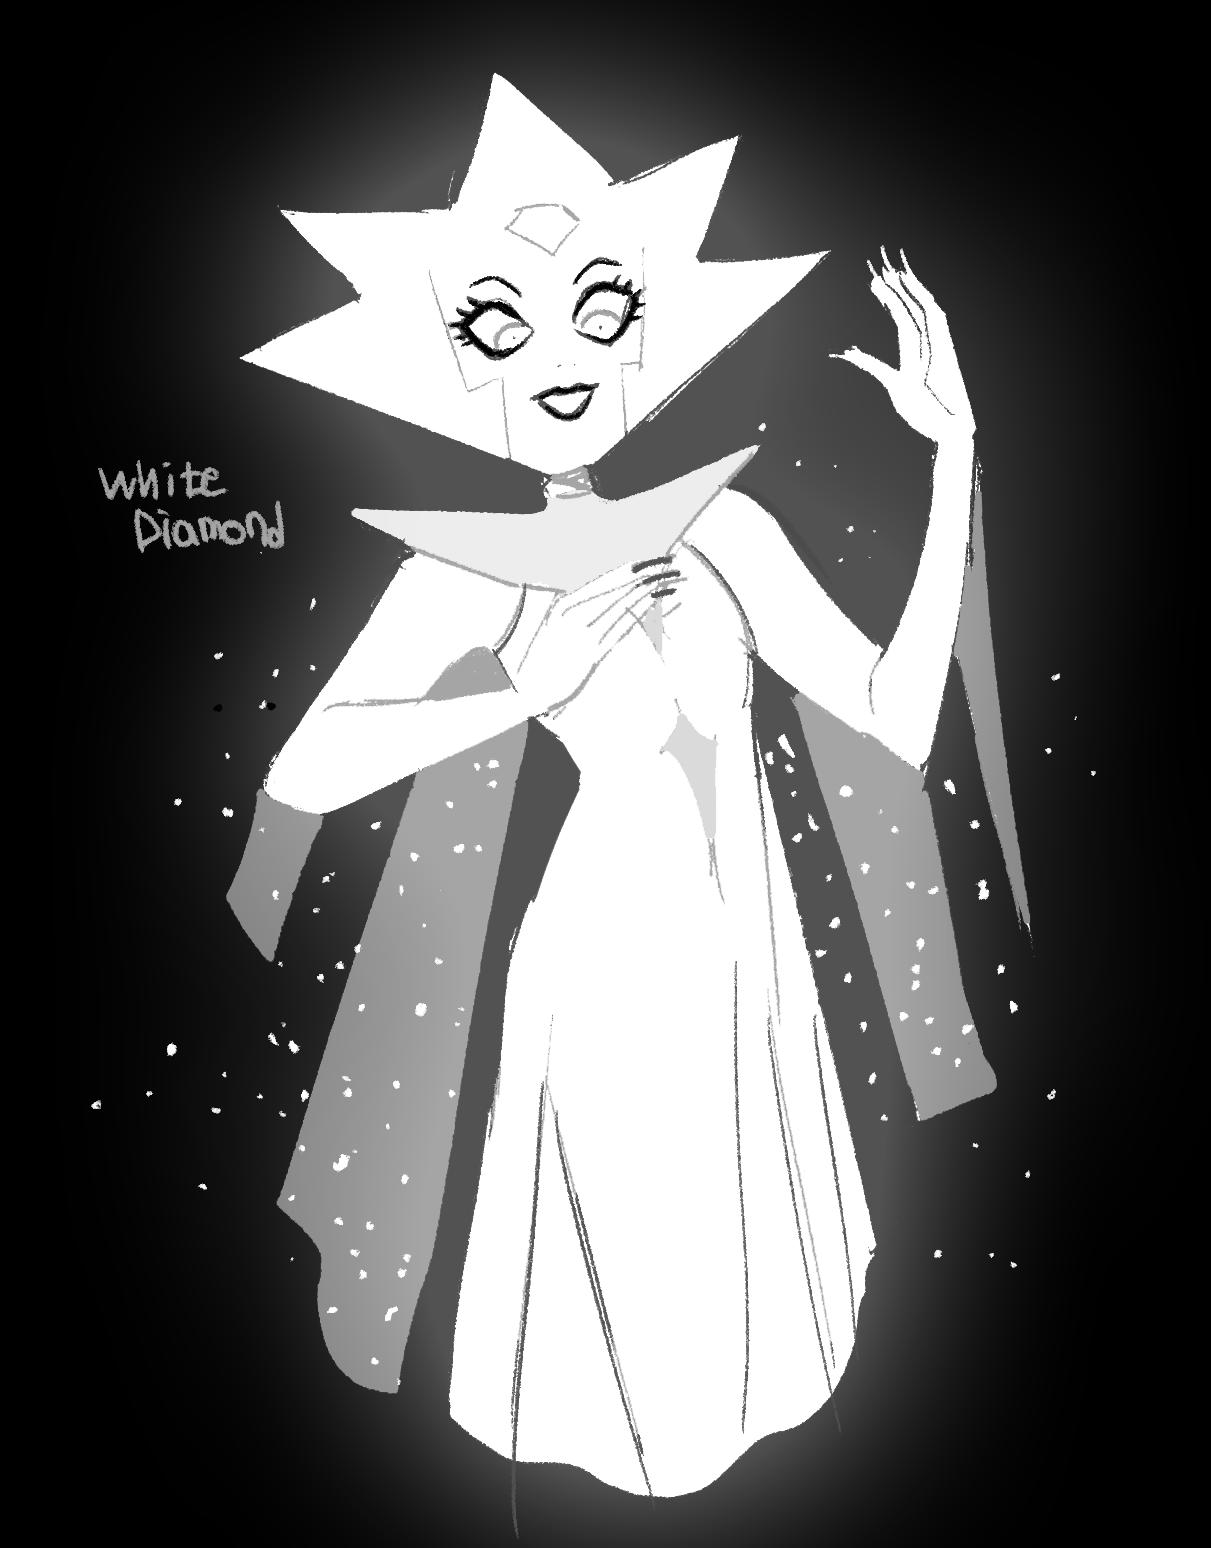 차바🌺 on in 2020 (With images) White diamond, Fan art, Artist